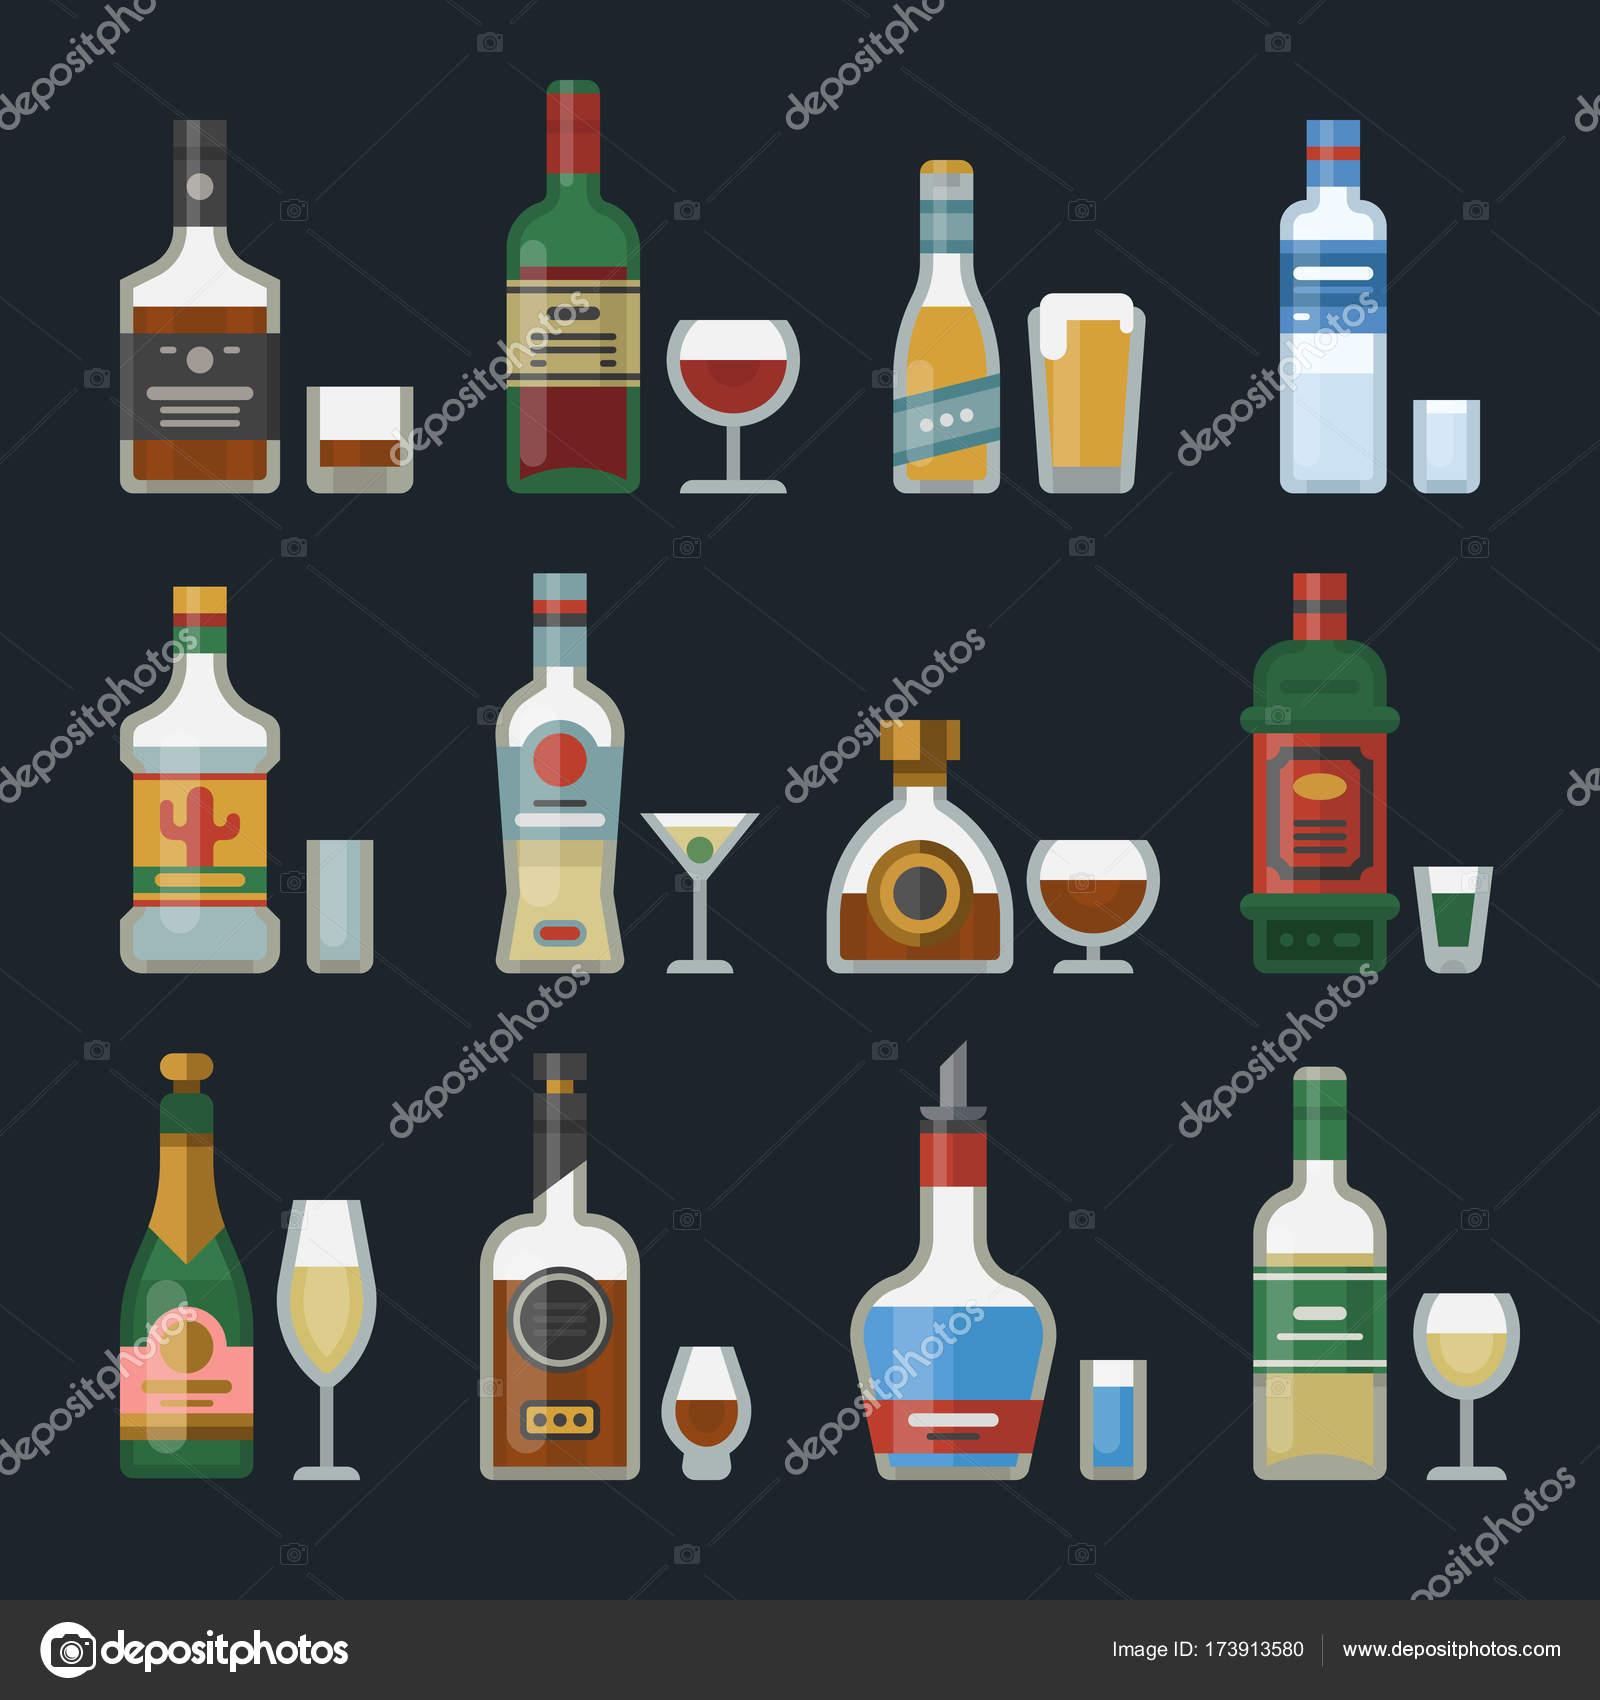 Starker Alkohol Getränke in Flaschen cocktail-Gläser Whisky Cognac ...